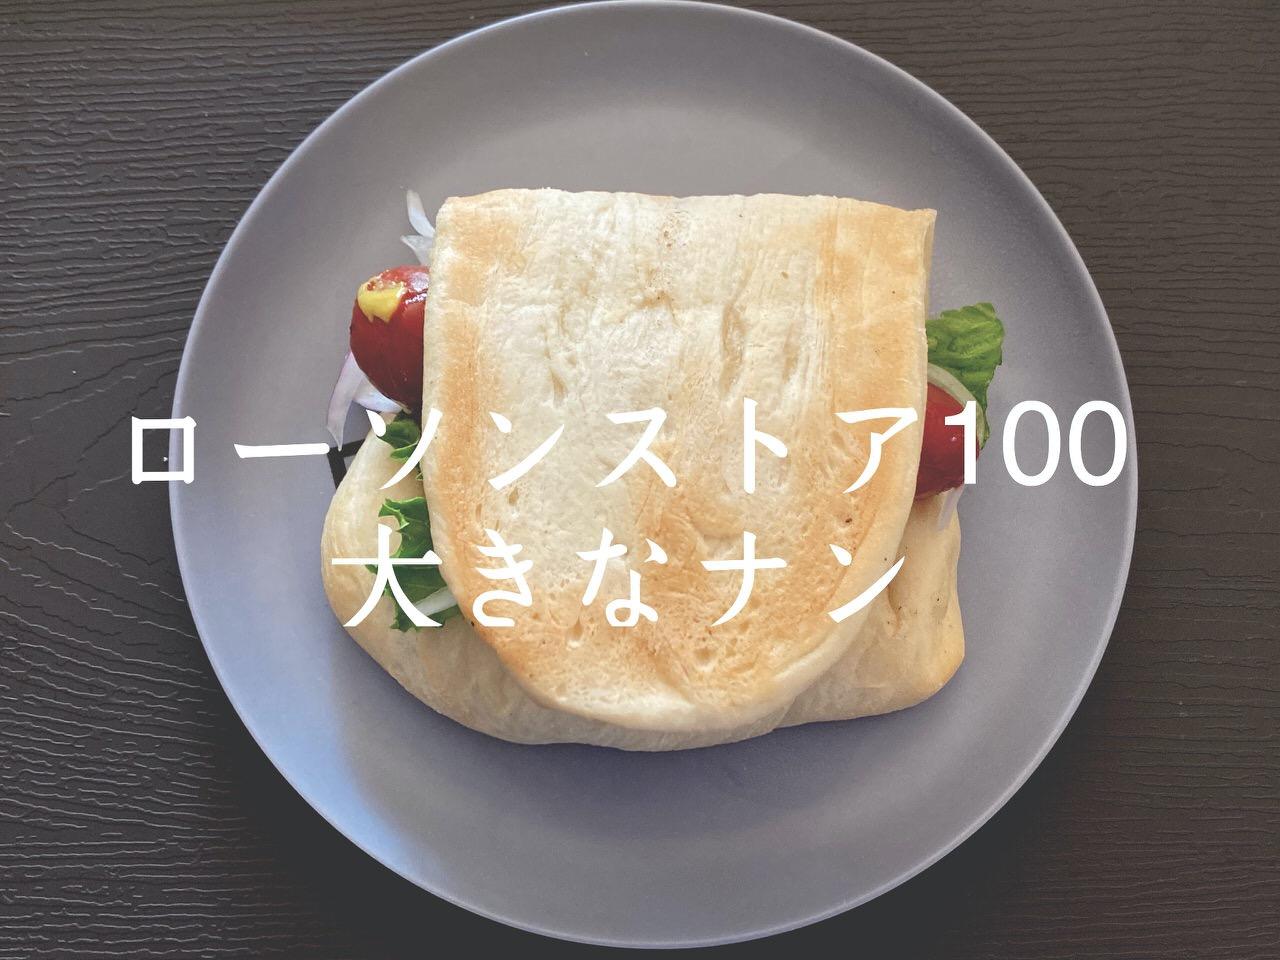 【ローソン100】新発売「大きなナン(通称100円ナン)」いなばのタイカレーで美味い!フランクフルトとオニオンサラダを挟むナンドッグもお手軽で最高!